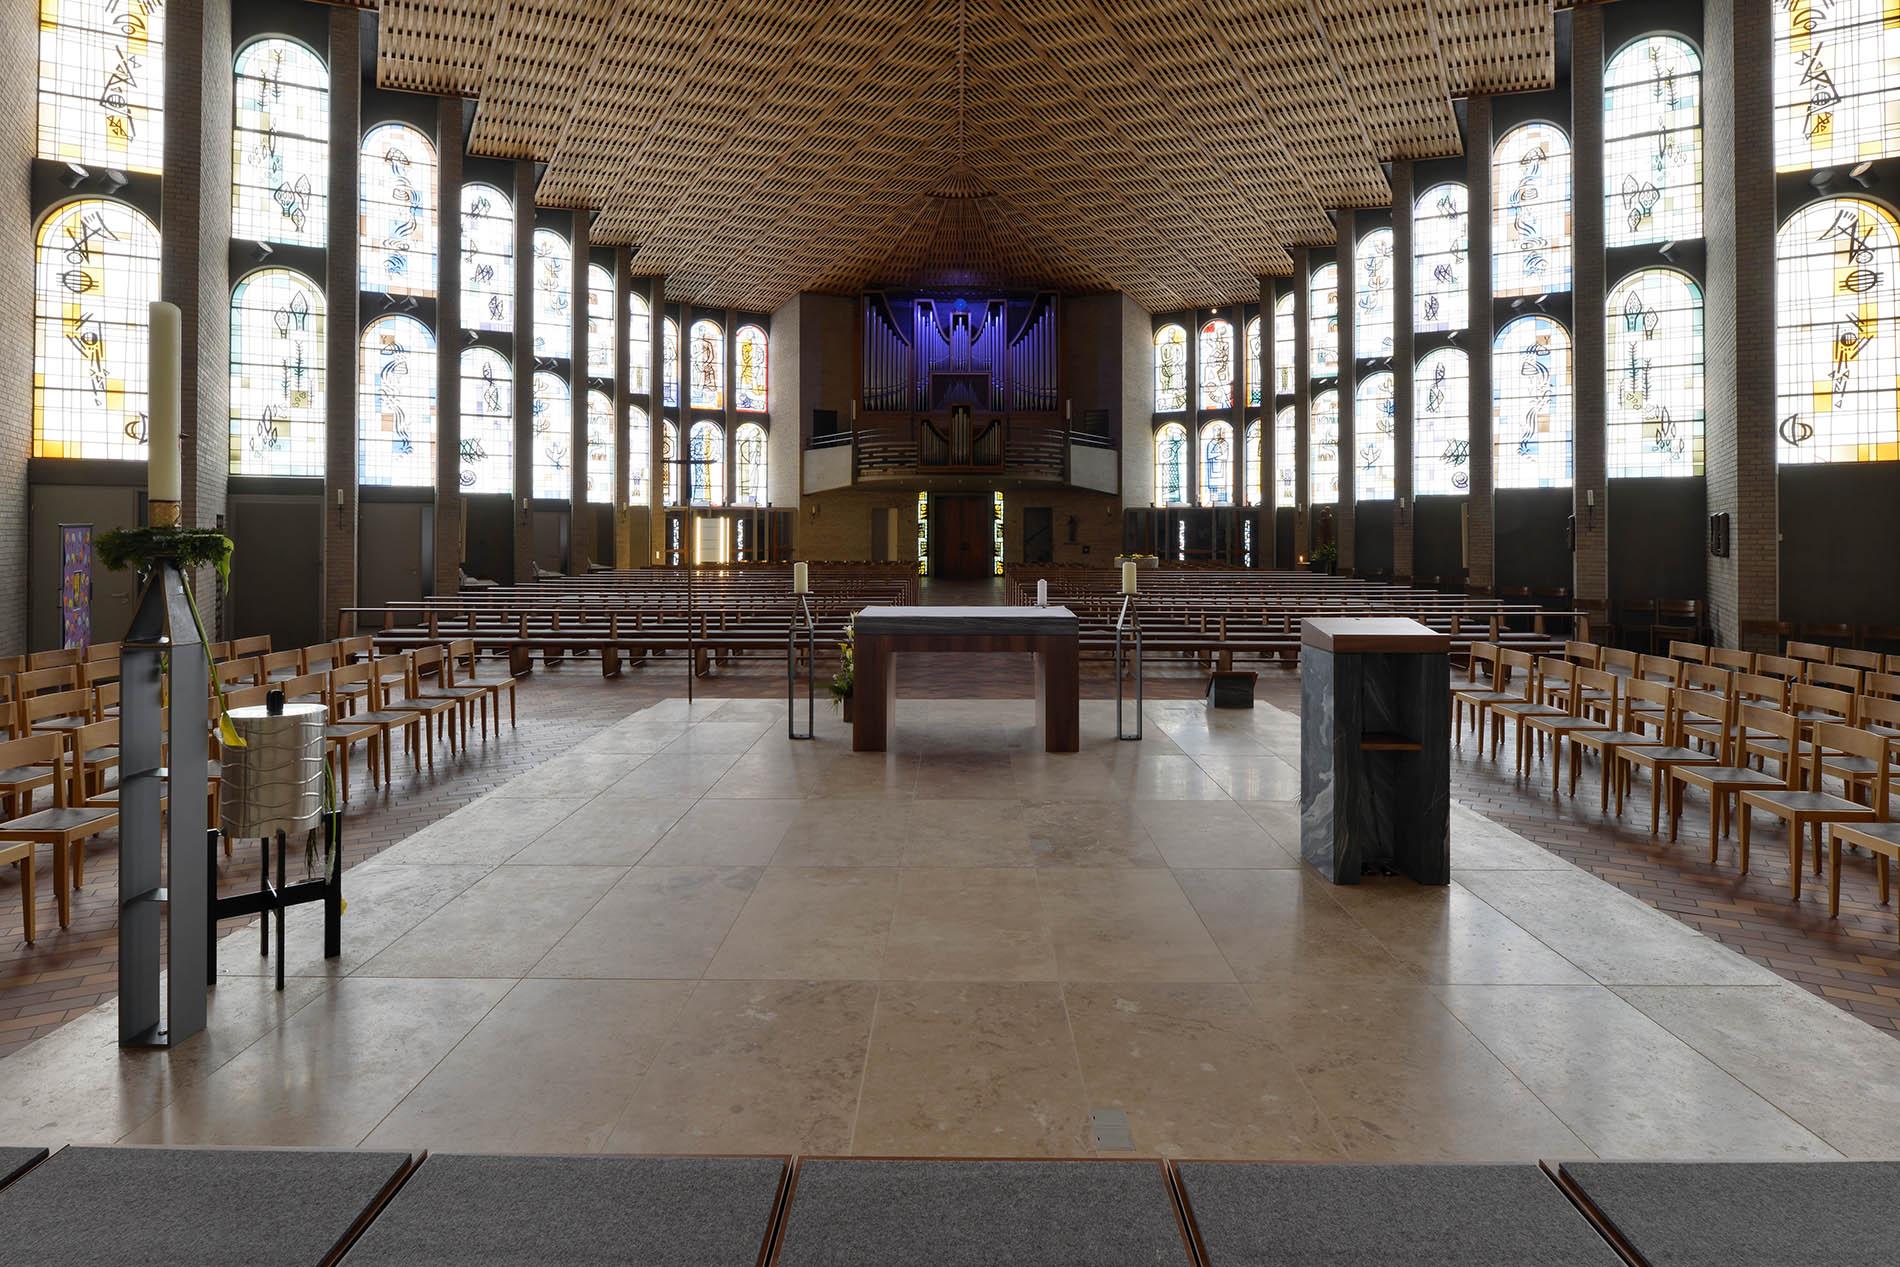 Wunderbar Innenarchitekt Karlsruhe Ideen Von